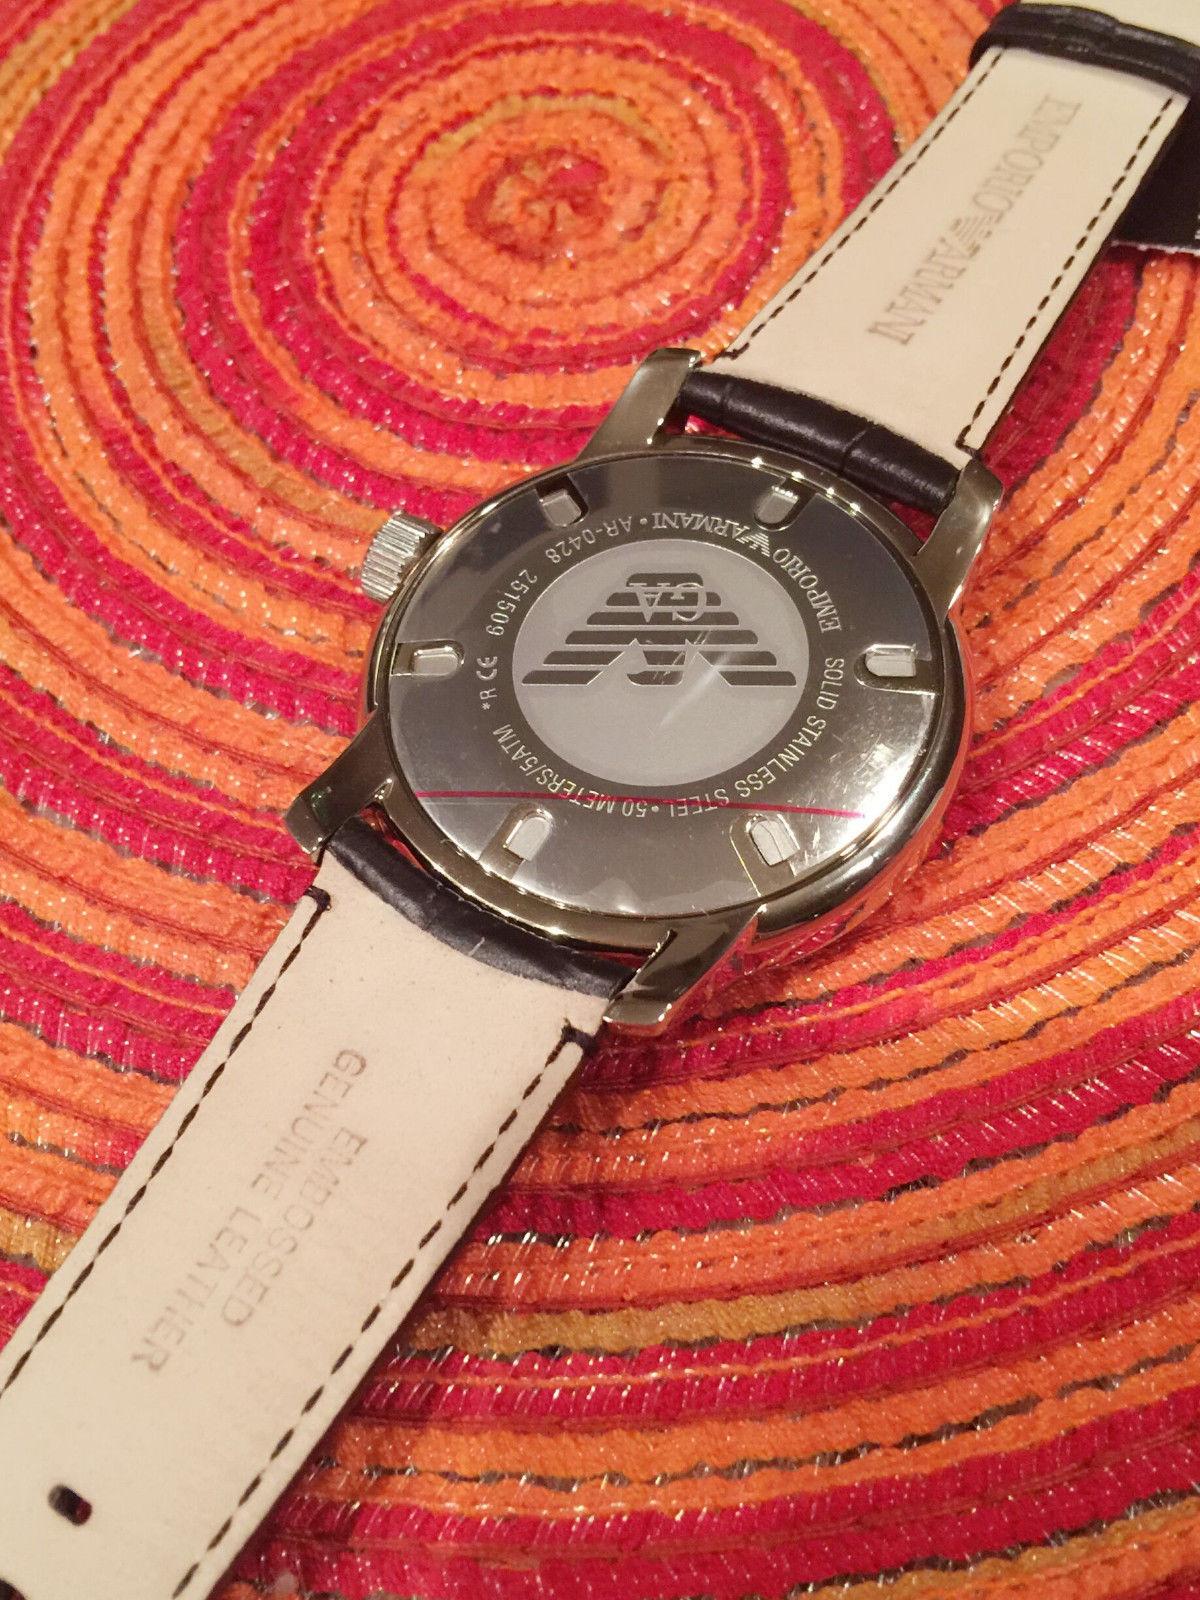 afcaf578a1b Emporio Armani Men s AR0428 Crocodile Leather Quartz Watch with Black Dial